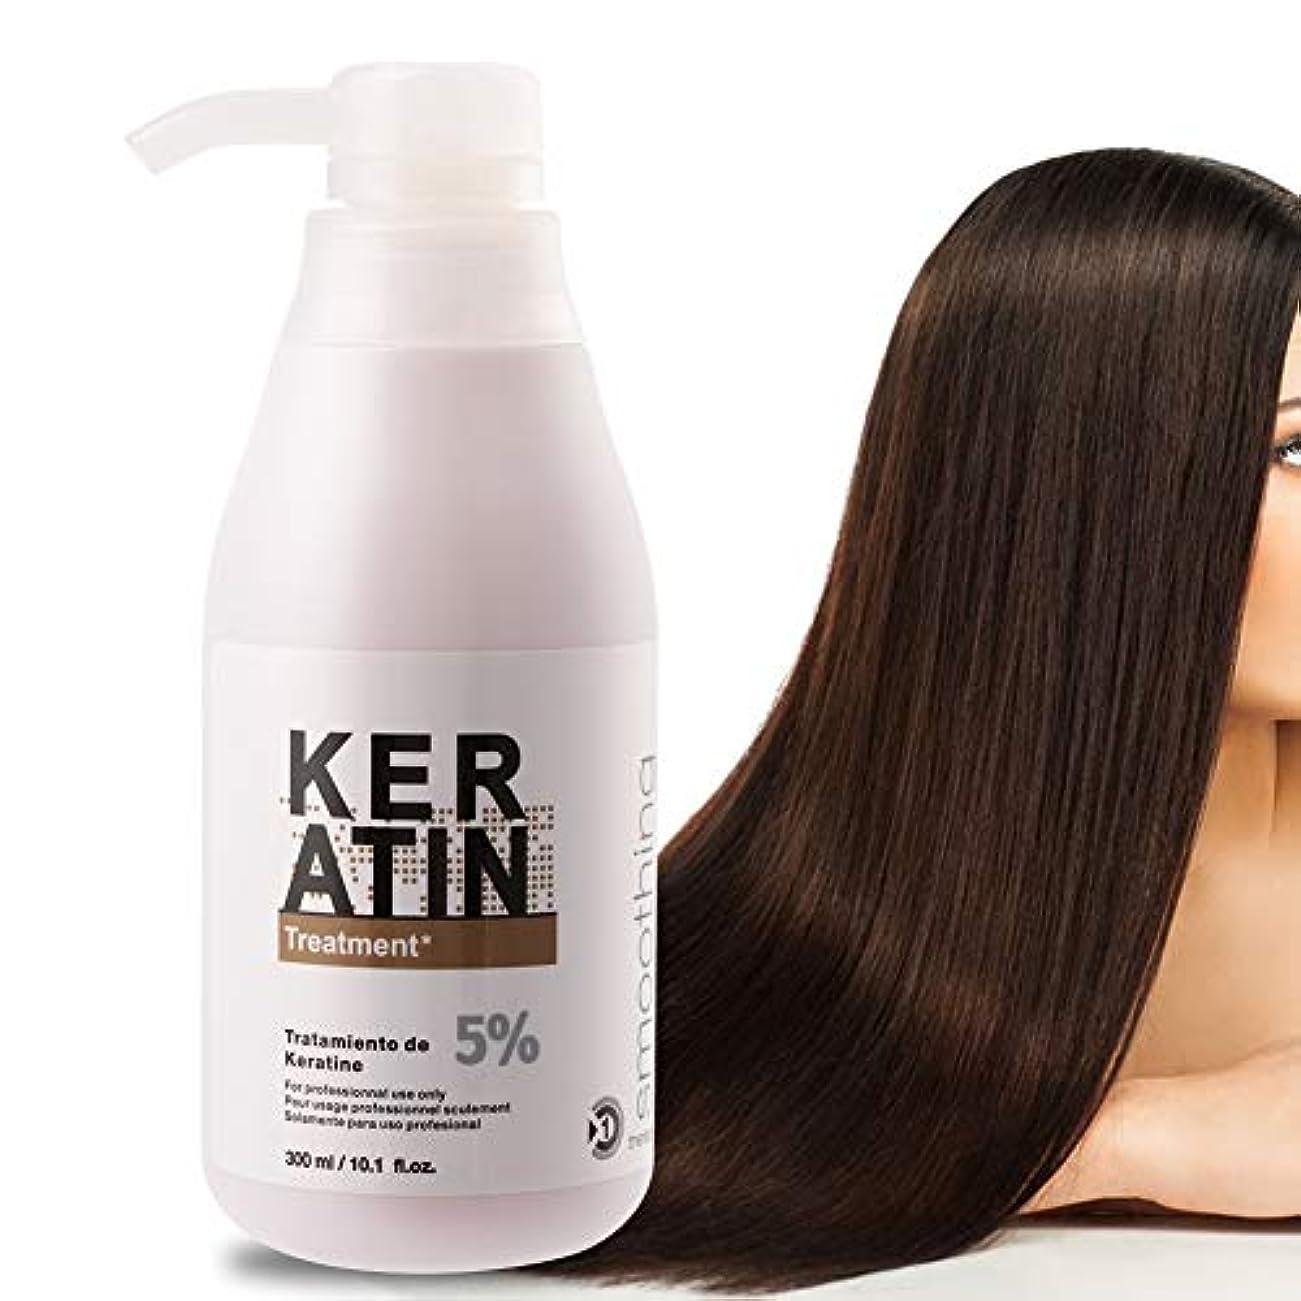 テレビ局一口シーン乾いた、ダメージを受けた、そして化学的に処理された髪のためのケラチンとタンパク質のケラチンヘアマスク、300mlブラジルのケラチンヘアトリートメント